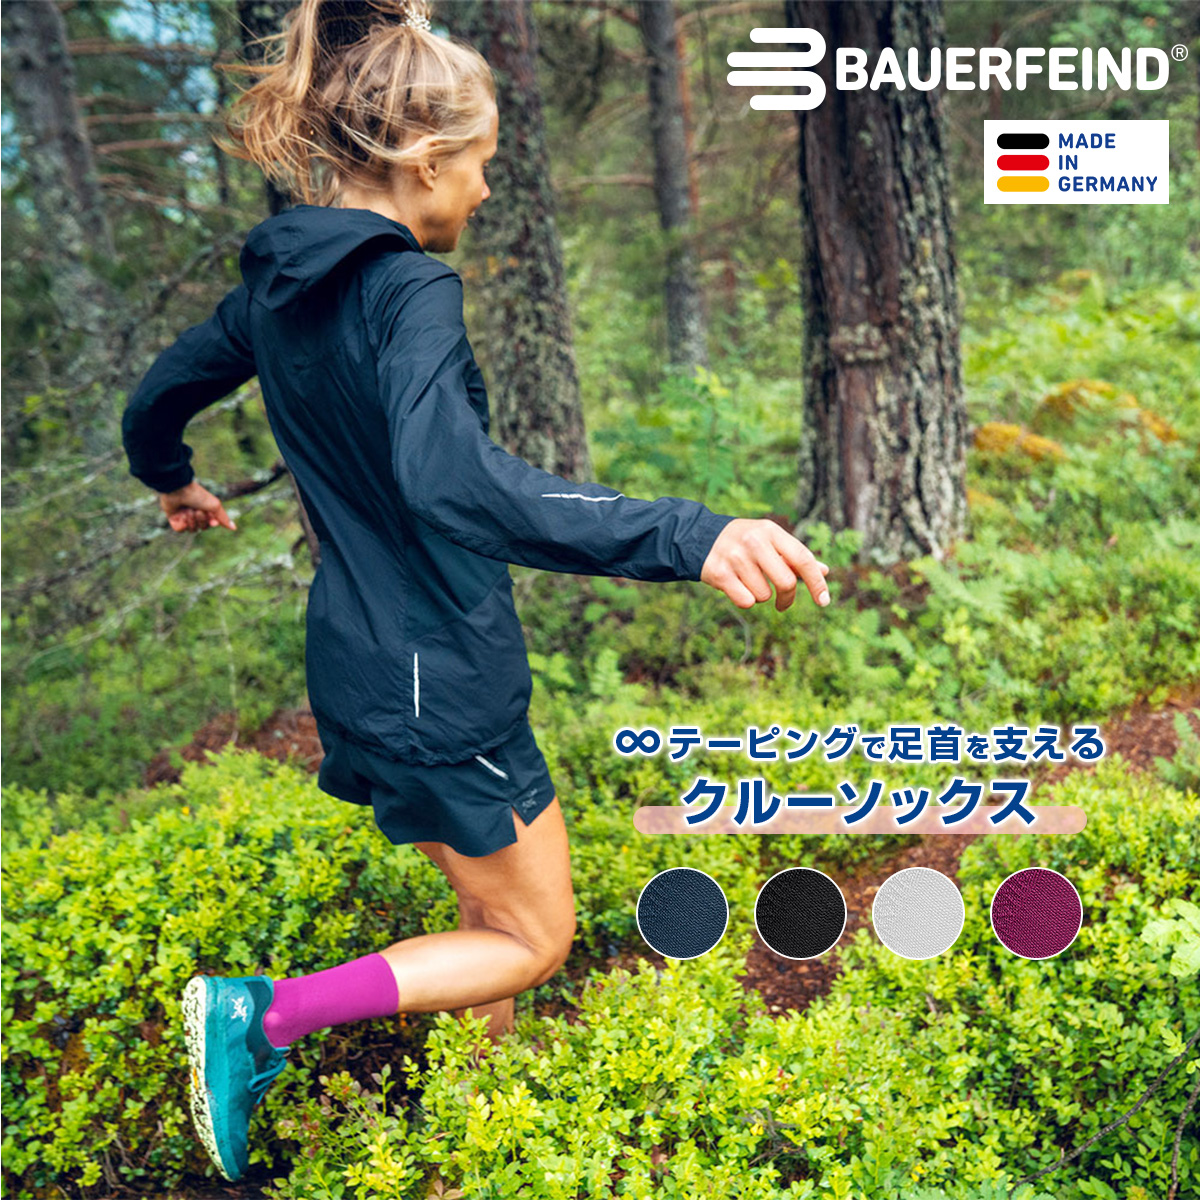 Run Ultralight Mid Cut Socks